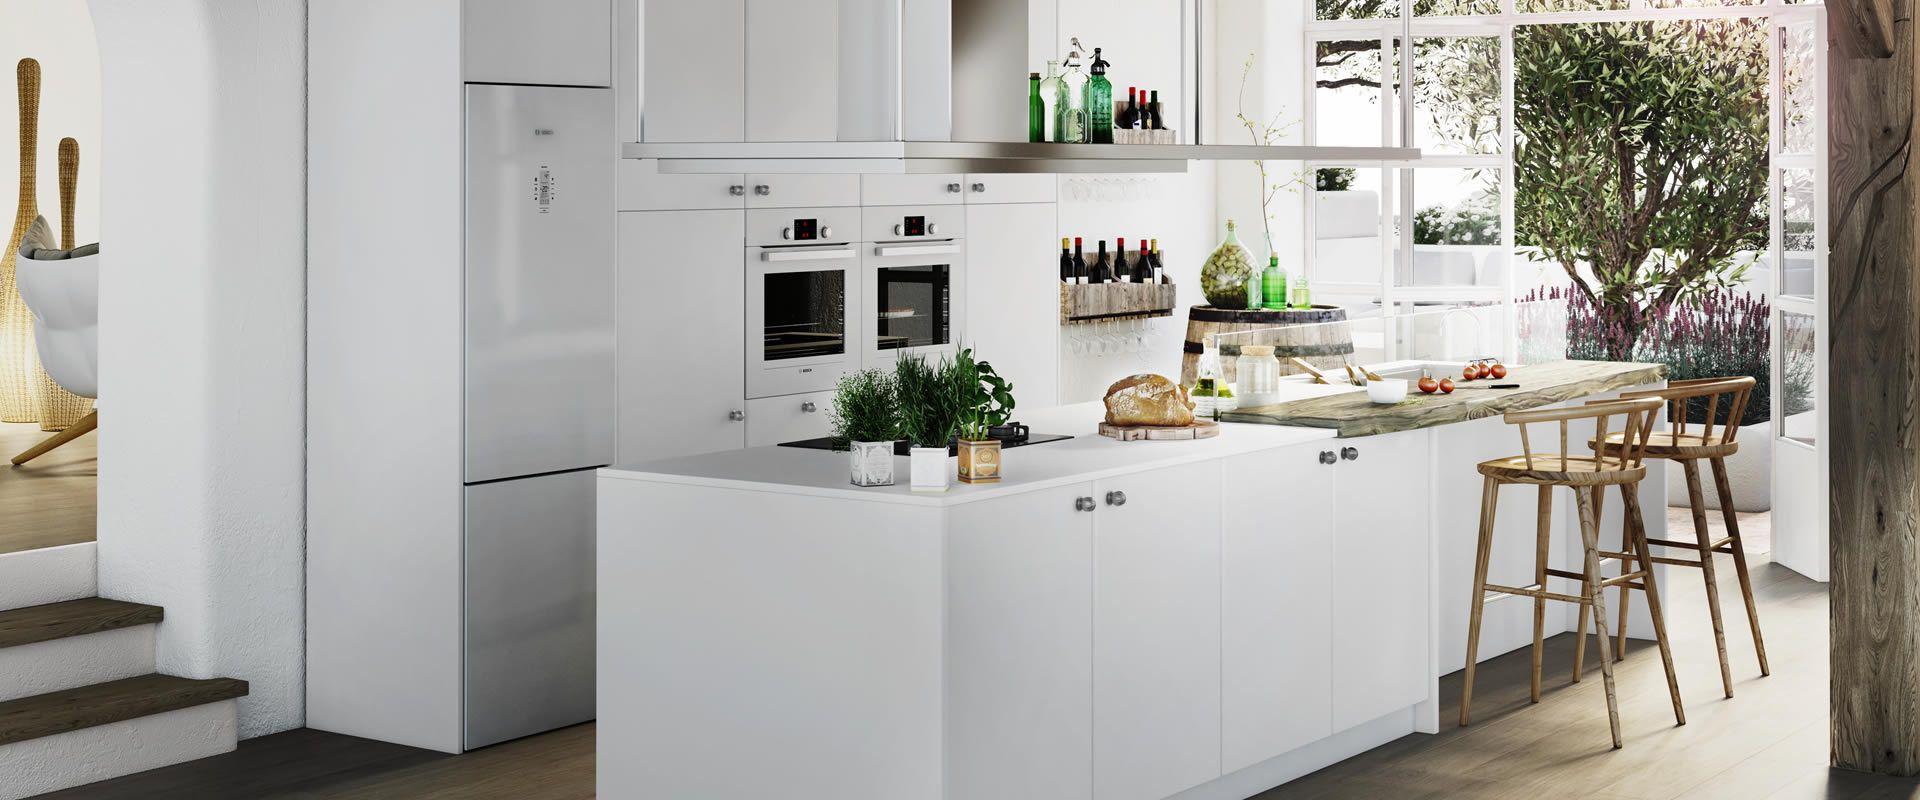 Foto 13 de Muebles de cocina en | Muebles Sacoba